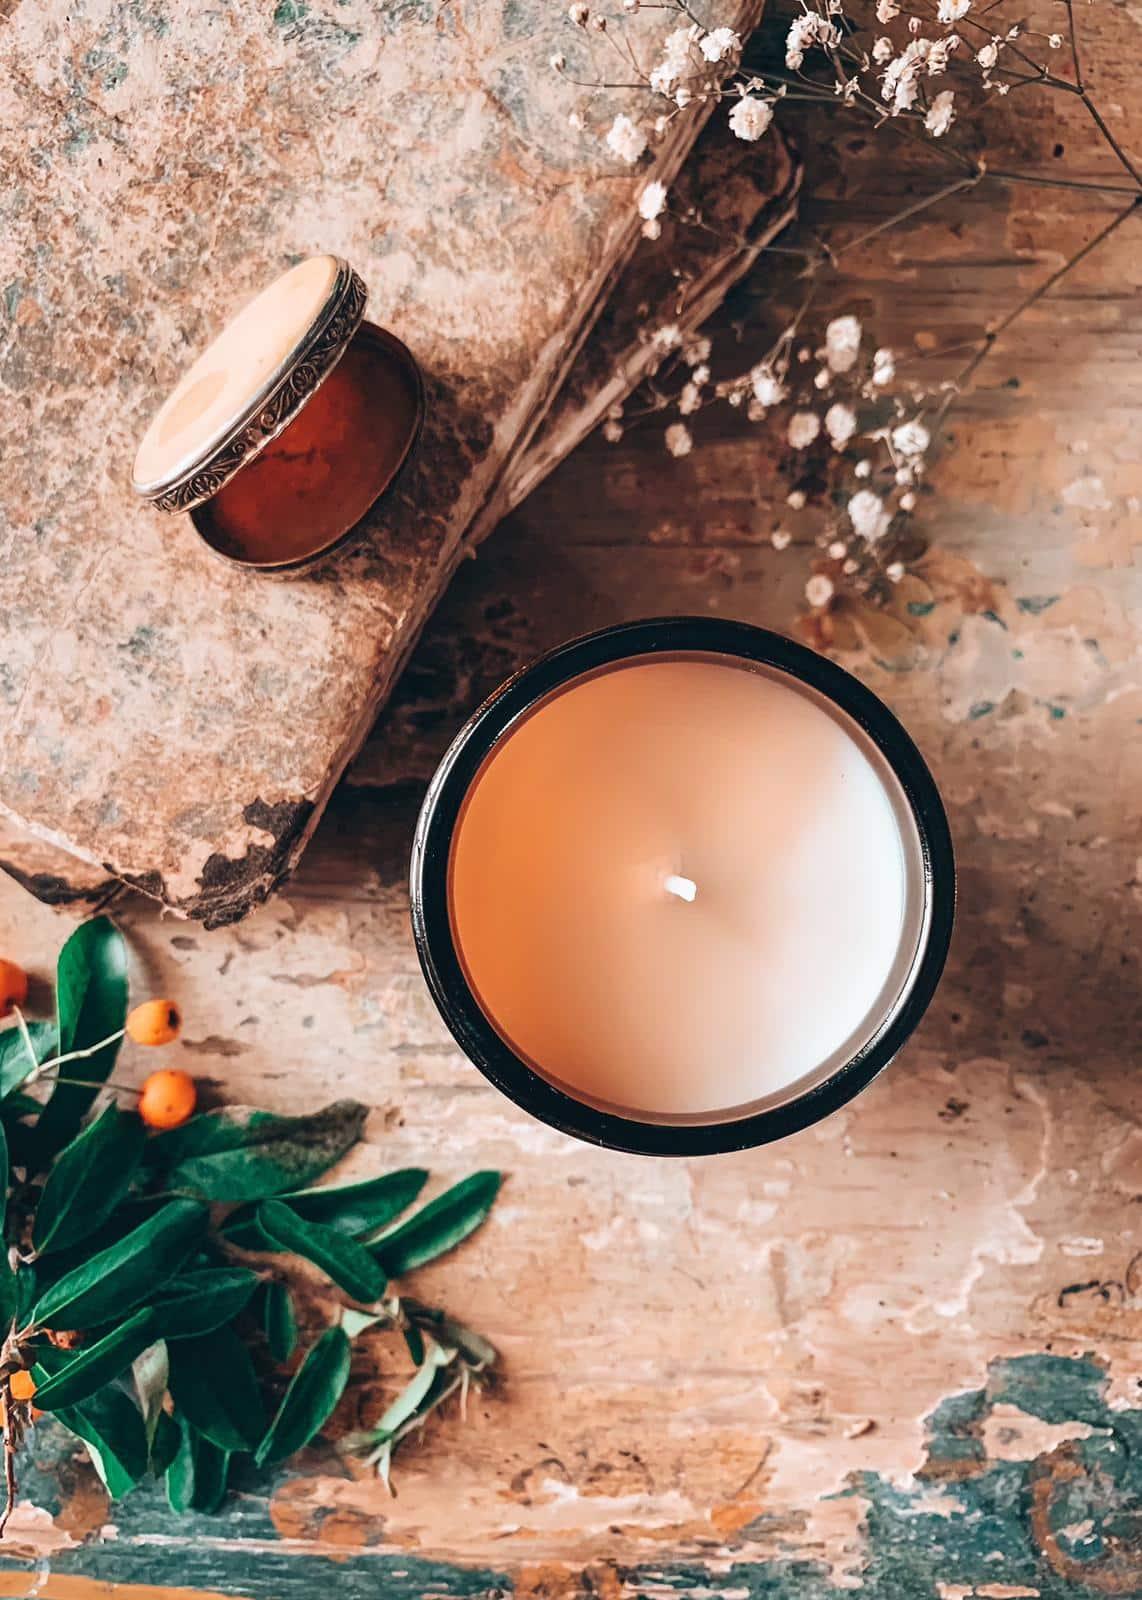 Elicriso Aromatico candela naturale per la casa profumata di soia handmade Quello Sbagliato